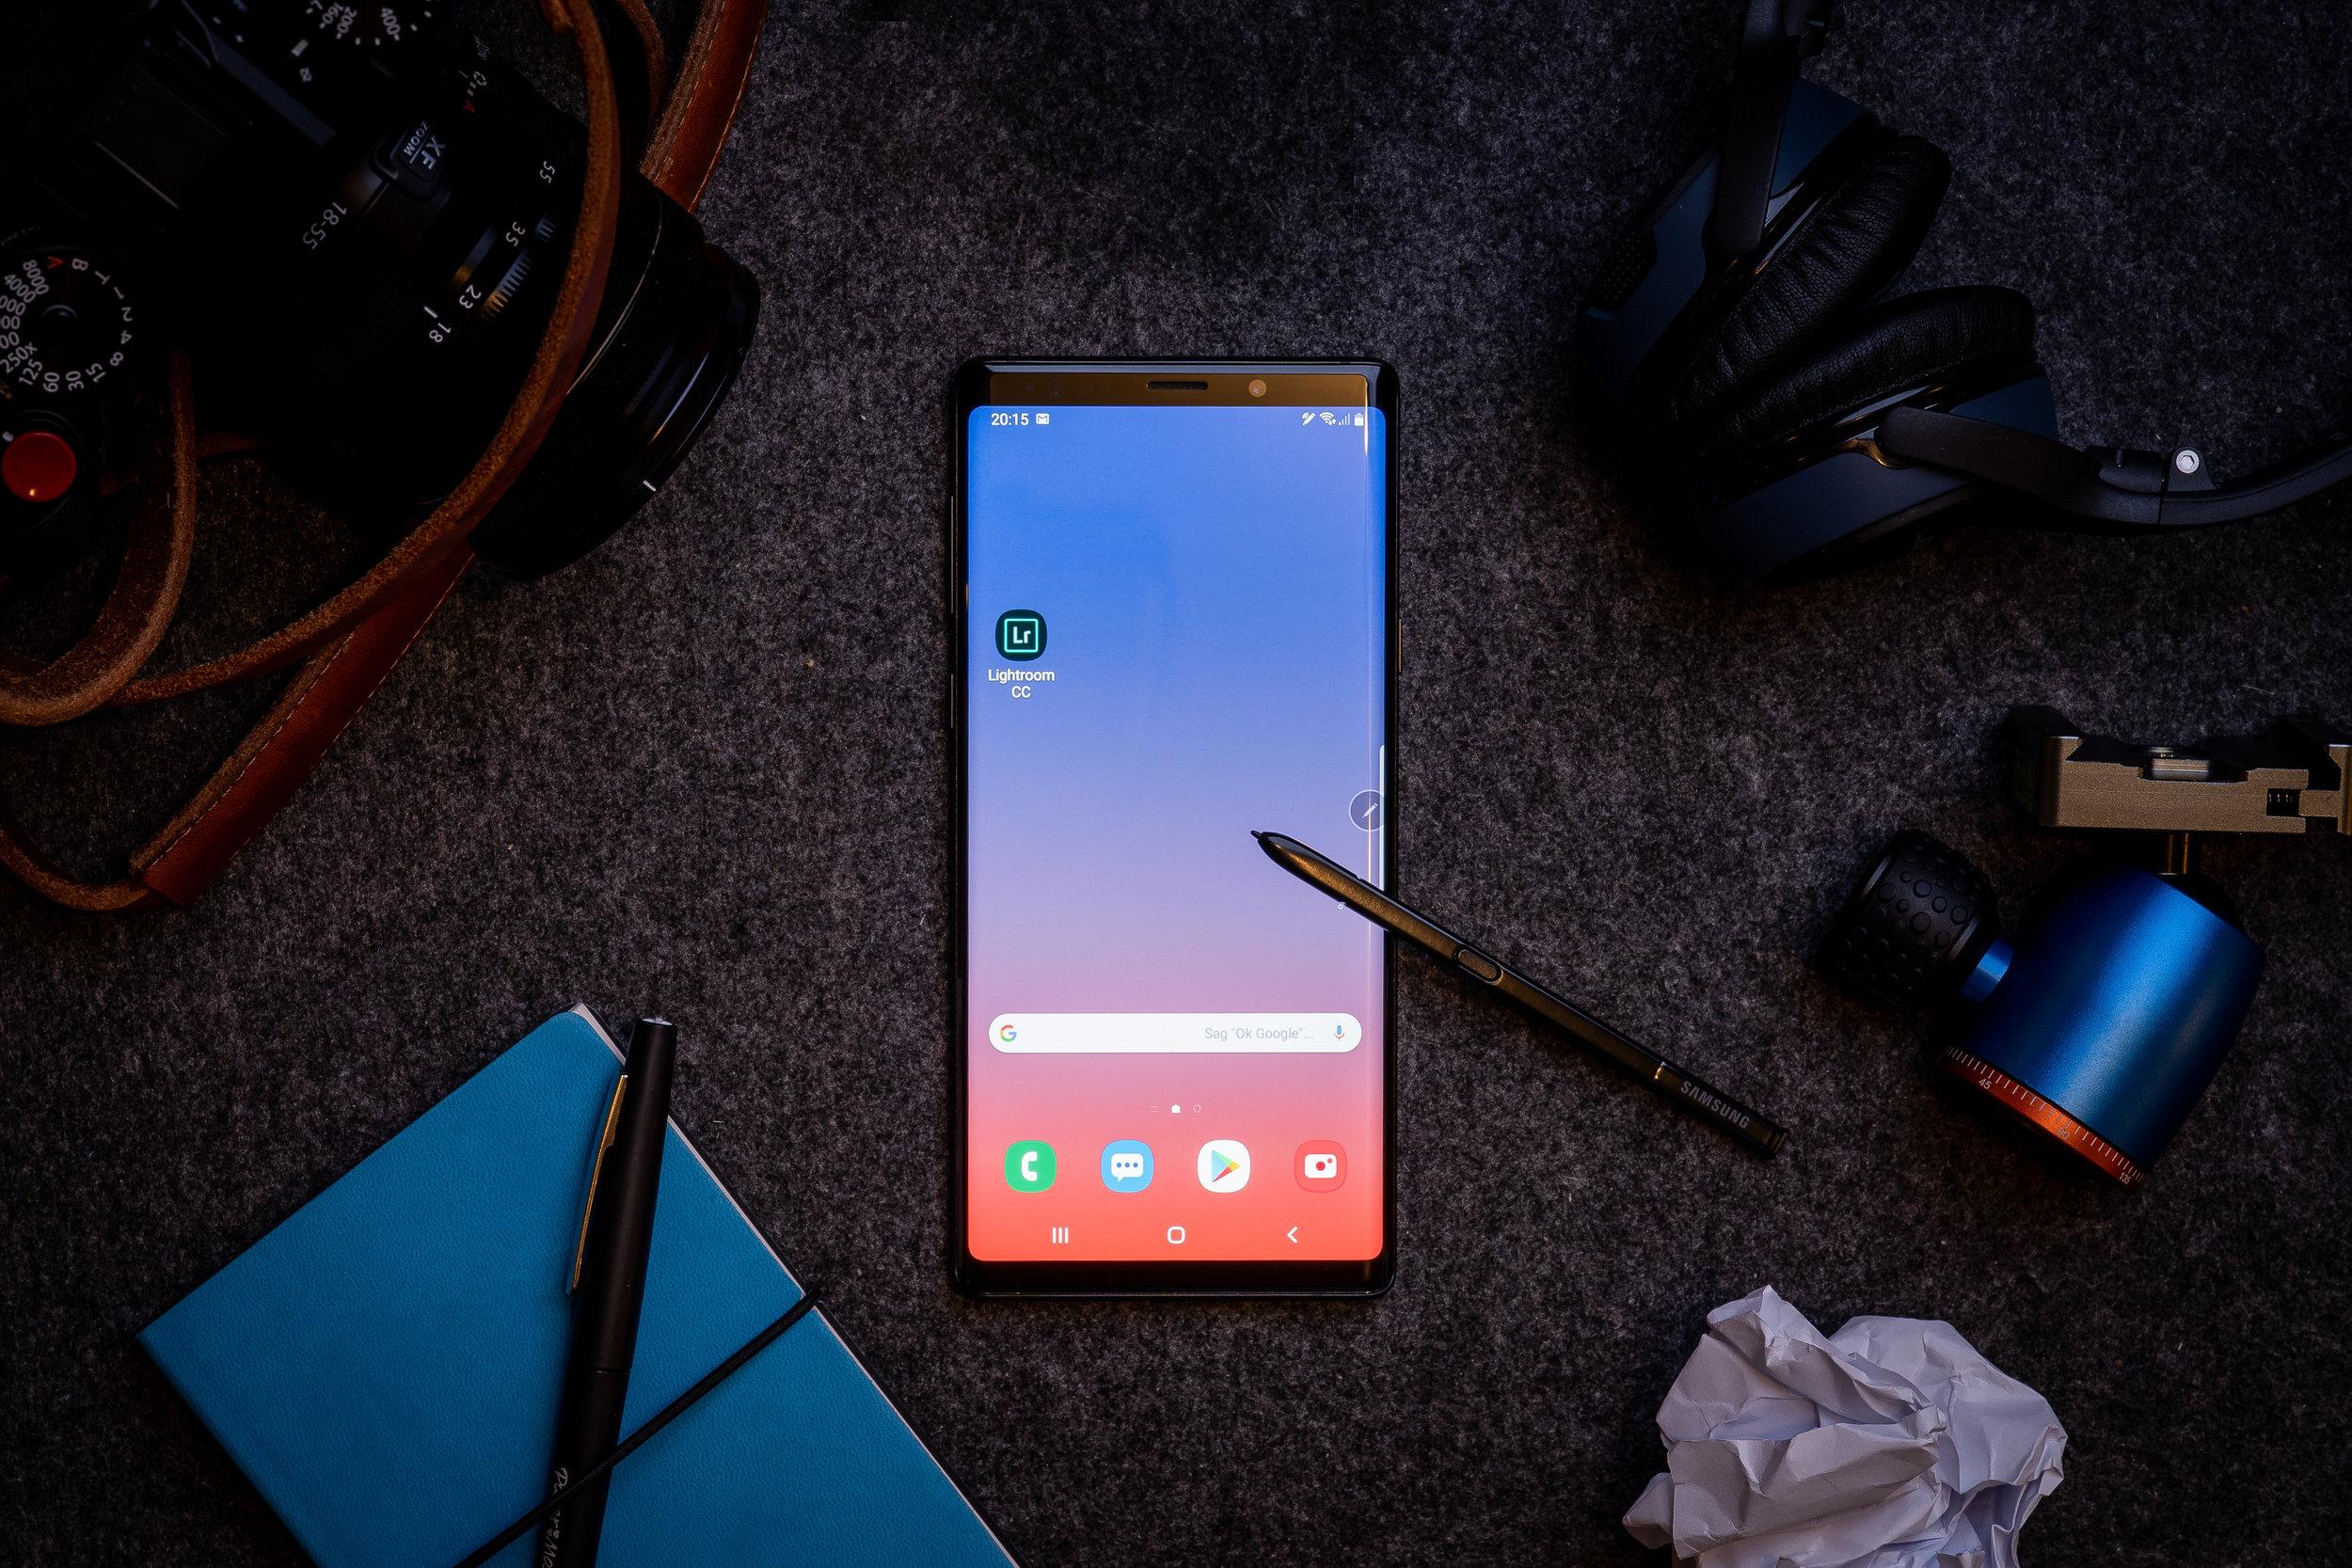 Das Samsung Note 9 - aus der Sicht eines Fotografen